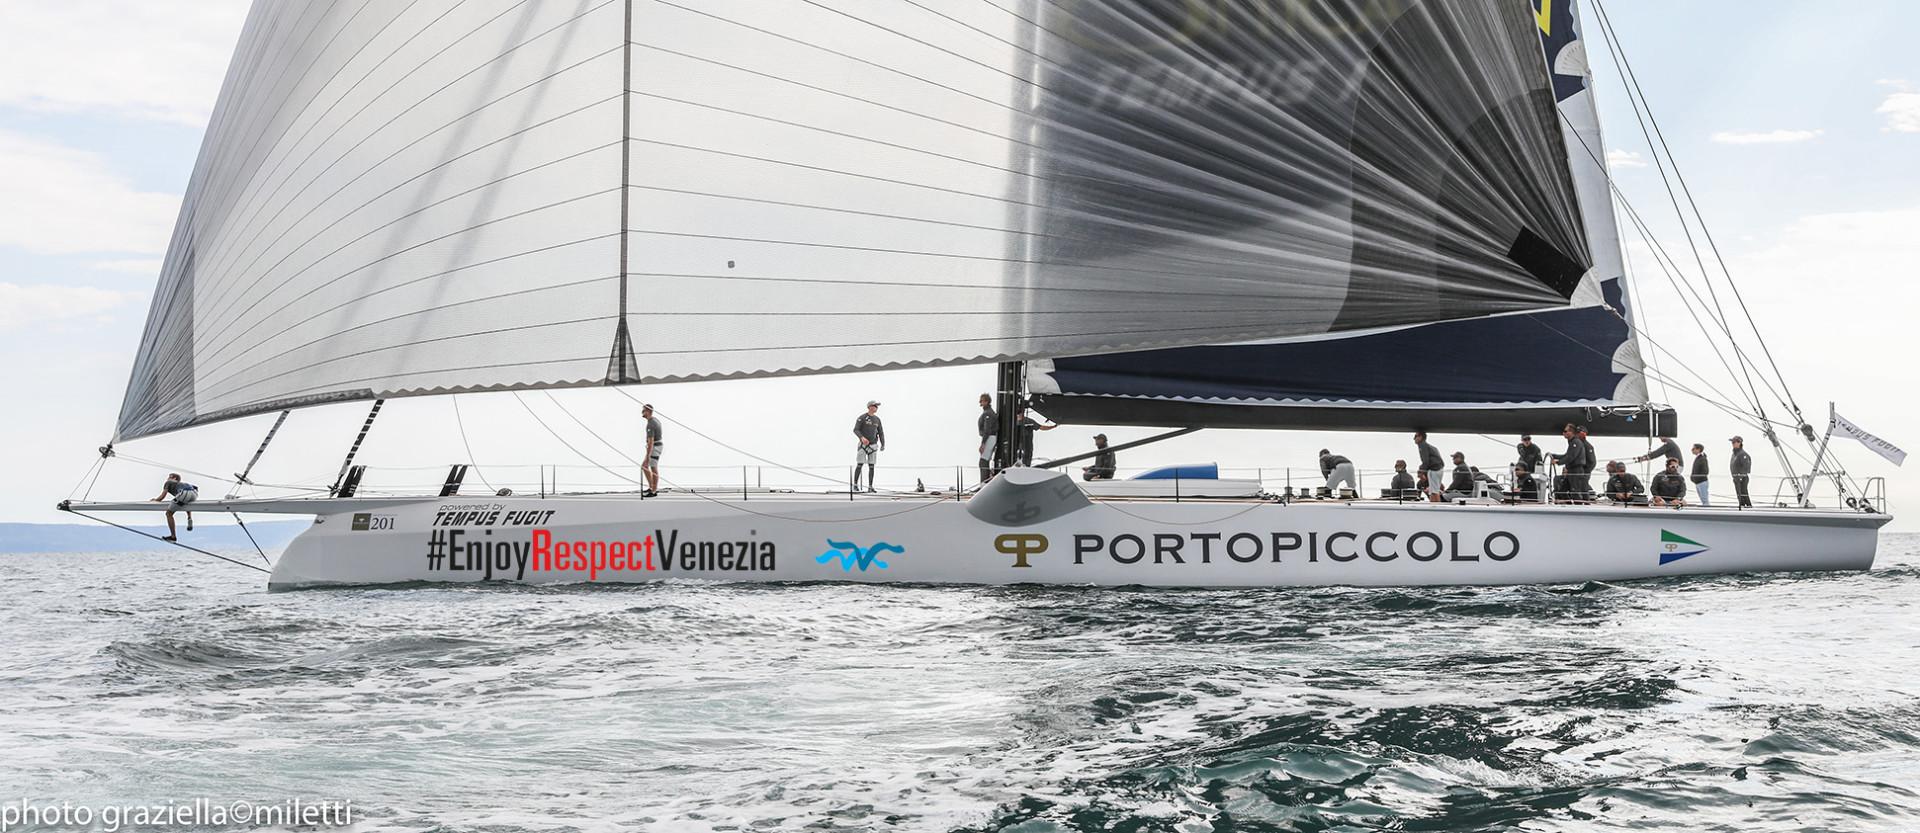 Portopiccolo Tempus Fugit dello skipper Enrico Zennaro fa rotta verso Venezia